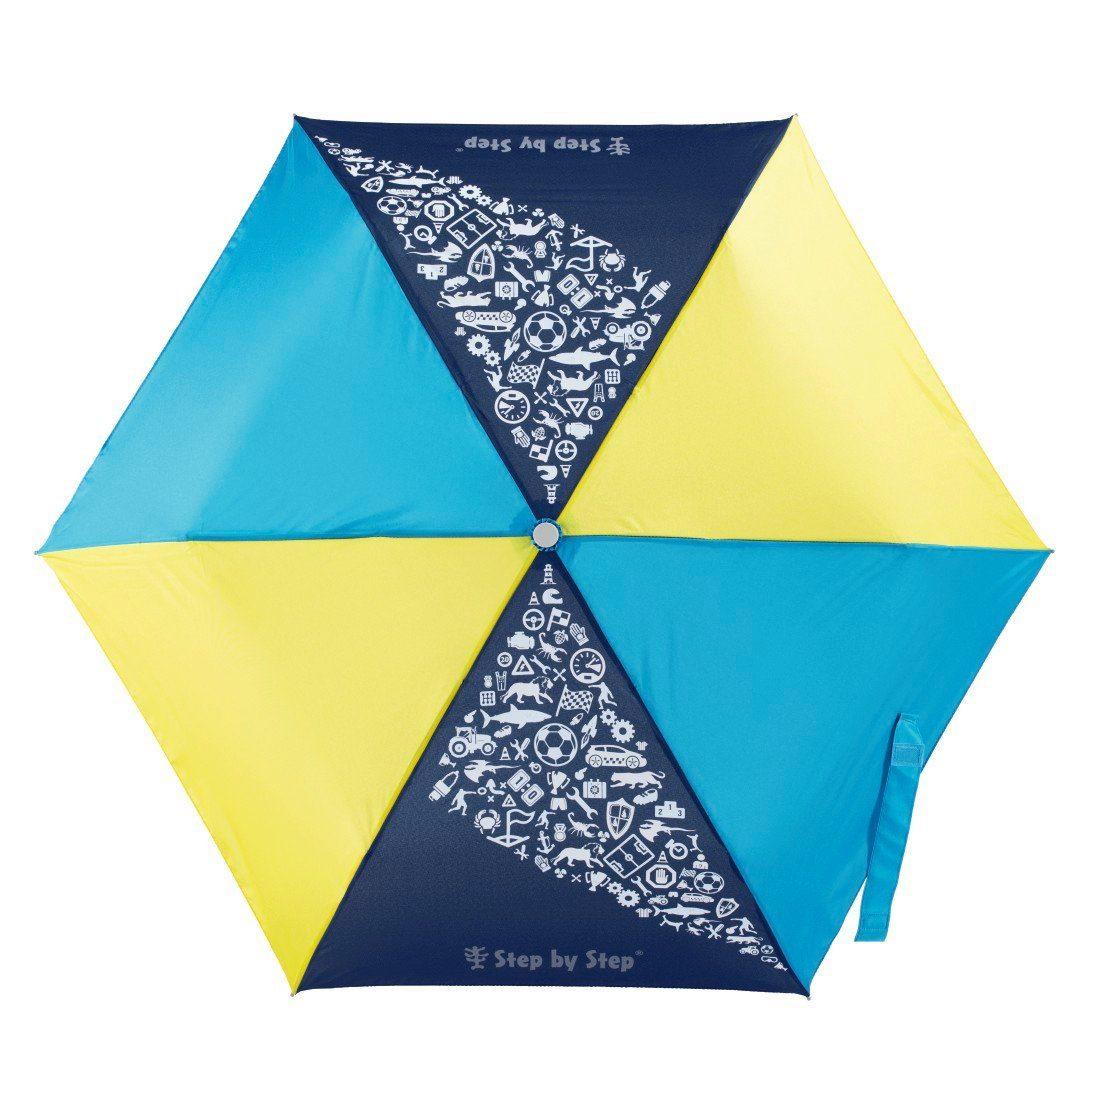 Step by Step Regenschirm Jungen Kinder Taschenschirm Blau Gelb »Blue & Yellow Mini Rain Effect«   Accessoires > Regenschirme > Taschenschirme   Bunt   STEP BY STEP